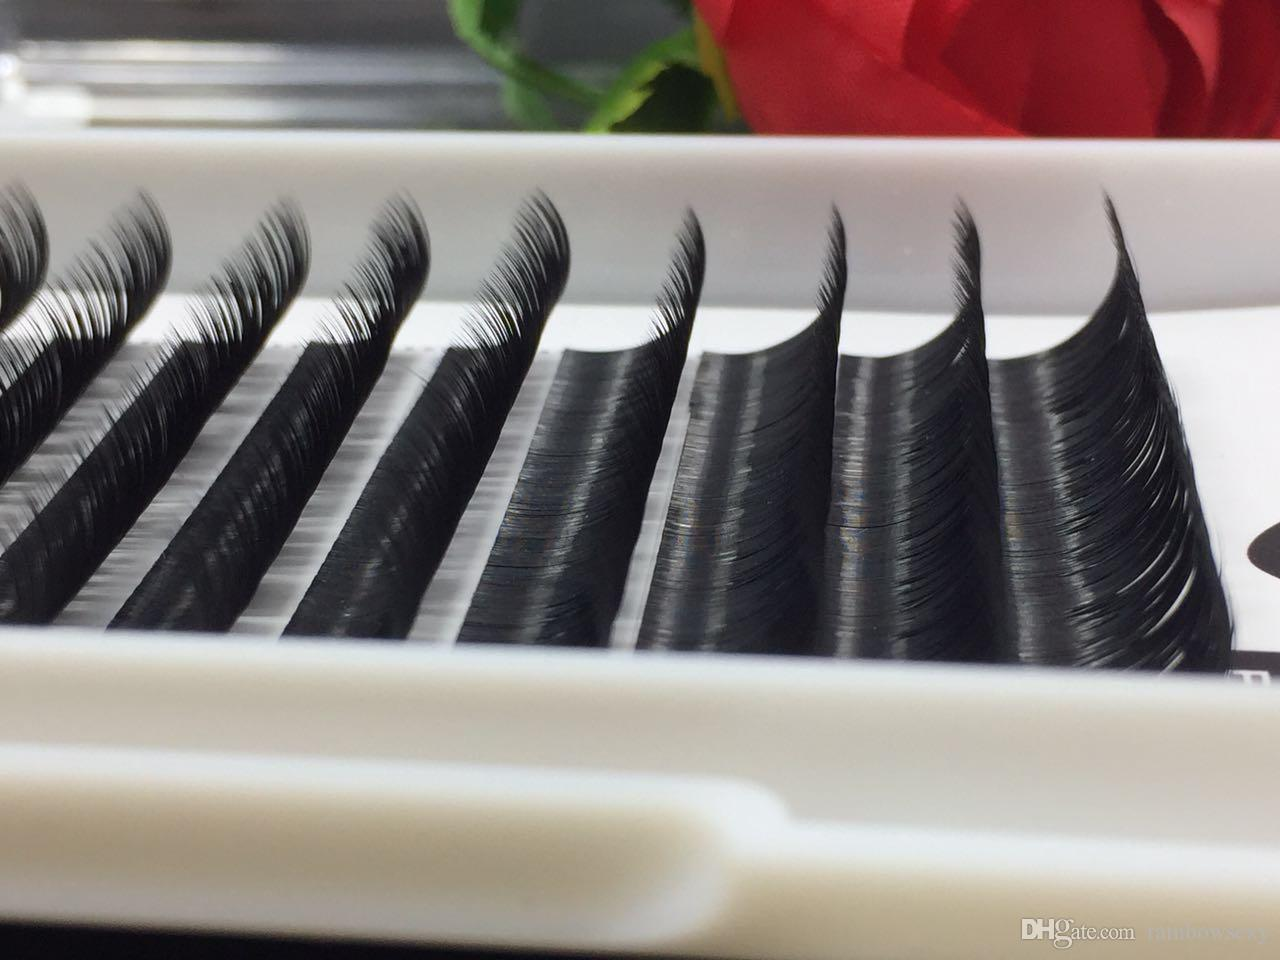 2018 Top quality C D L Curl 0.25mm individual eyelash false eyelash 8-14mm mix length volume eyelash Korean false mink lash